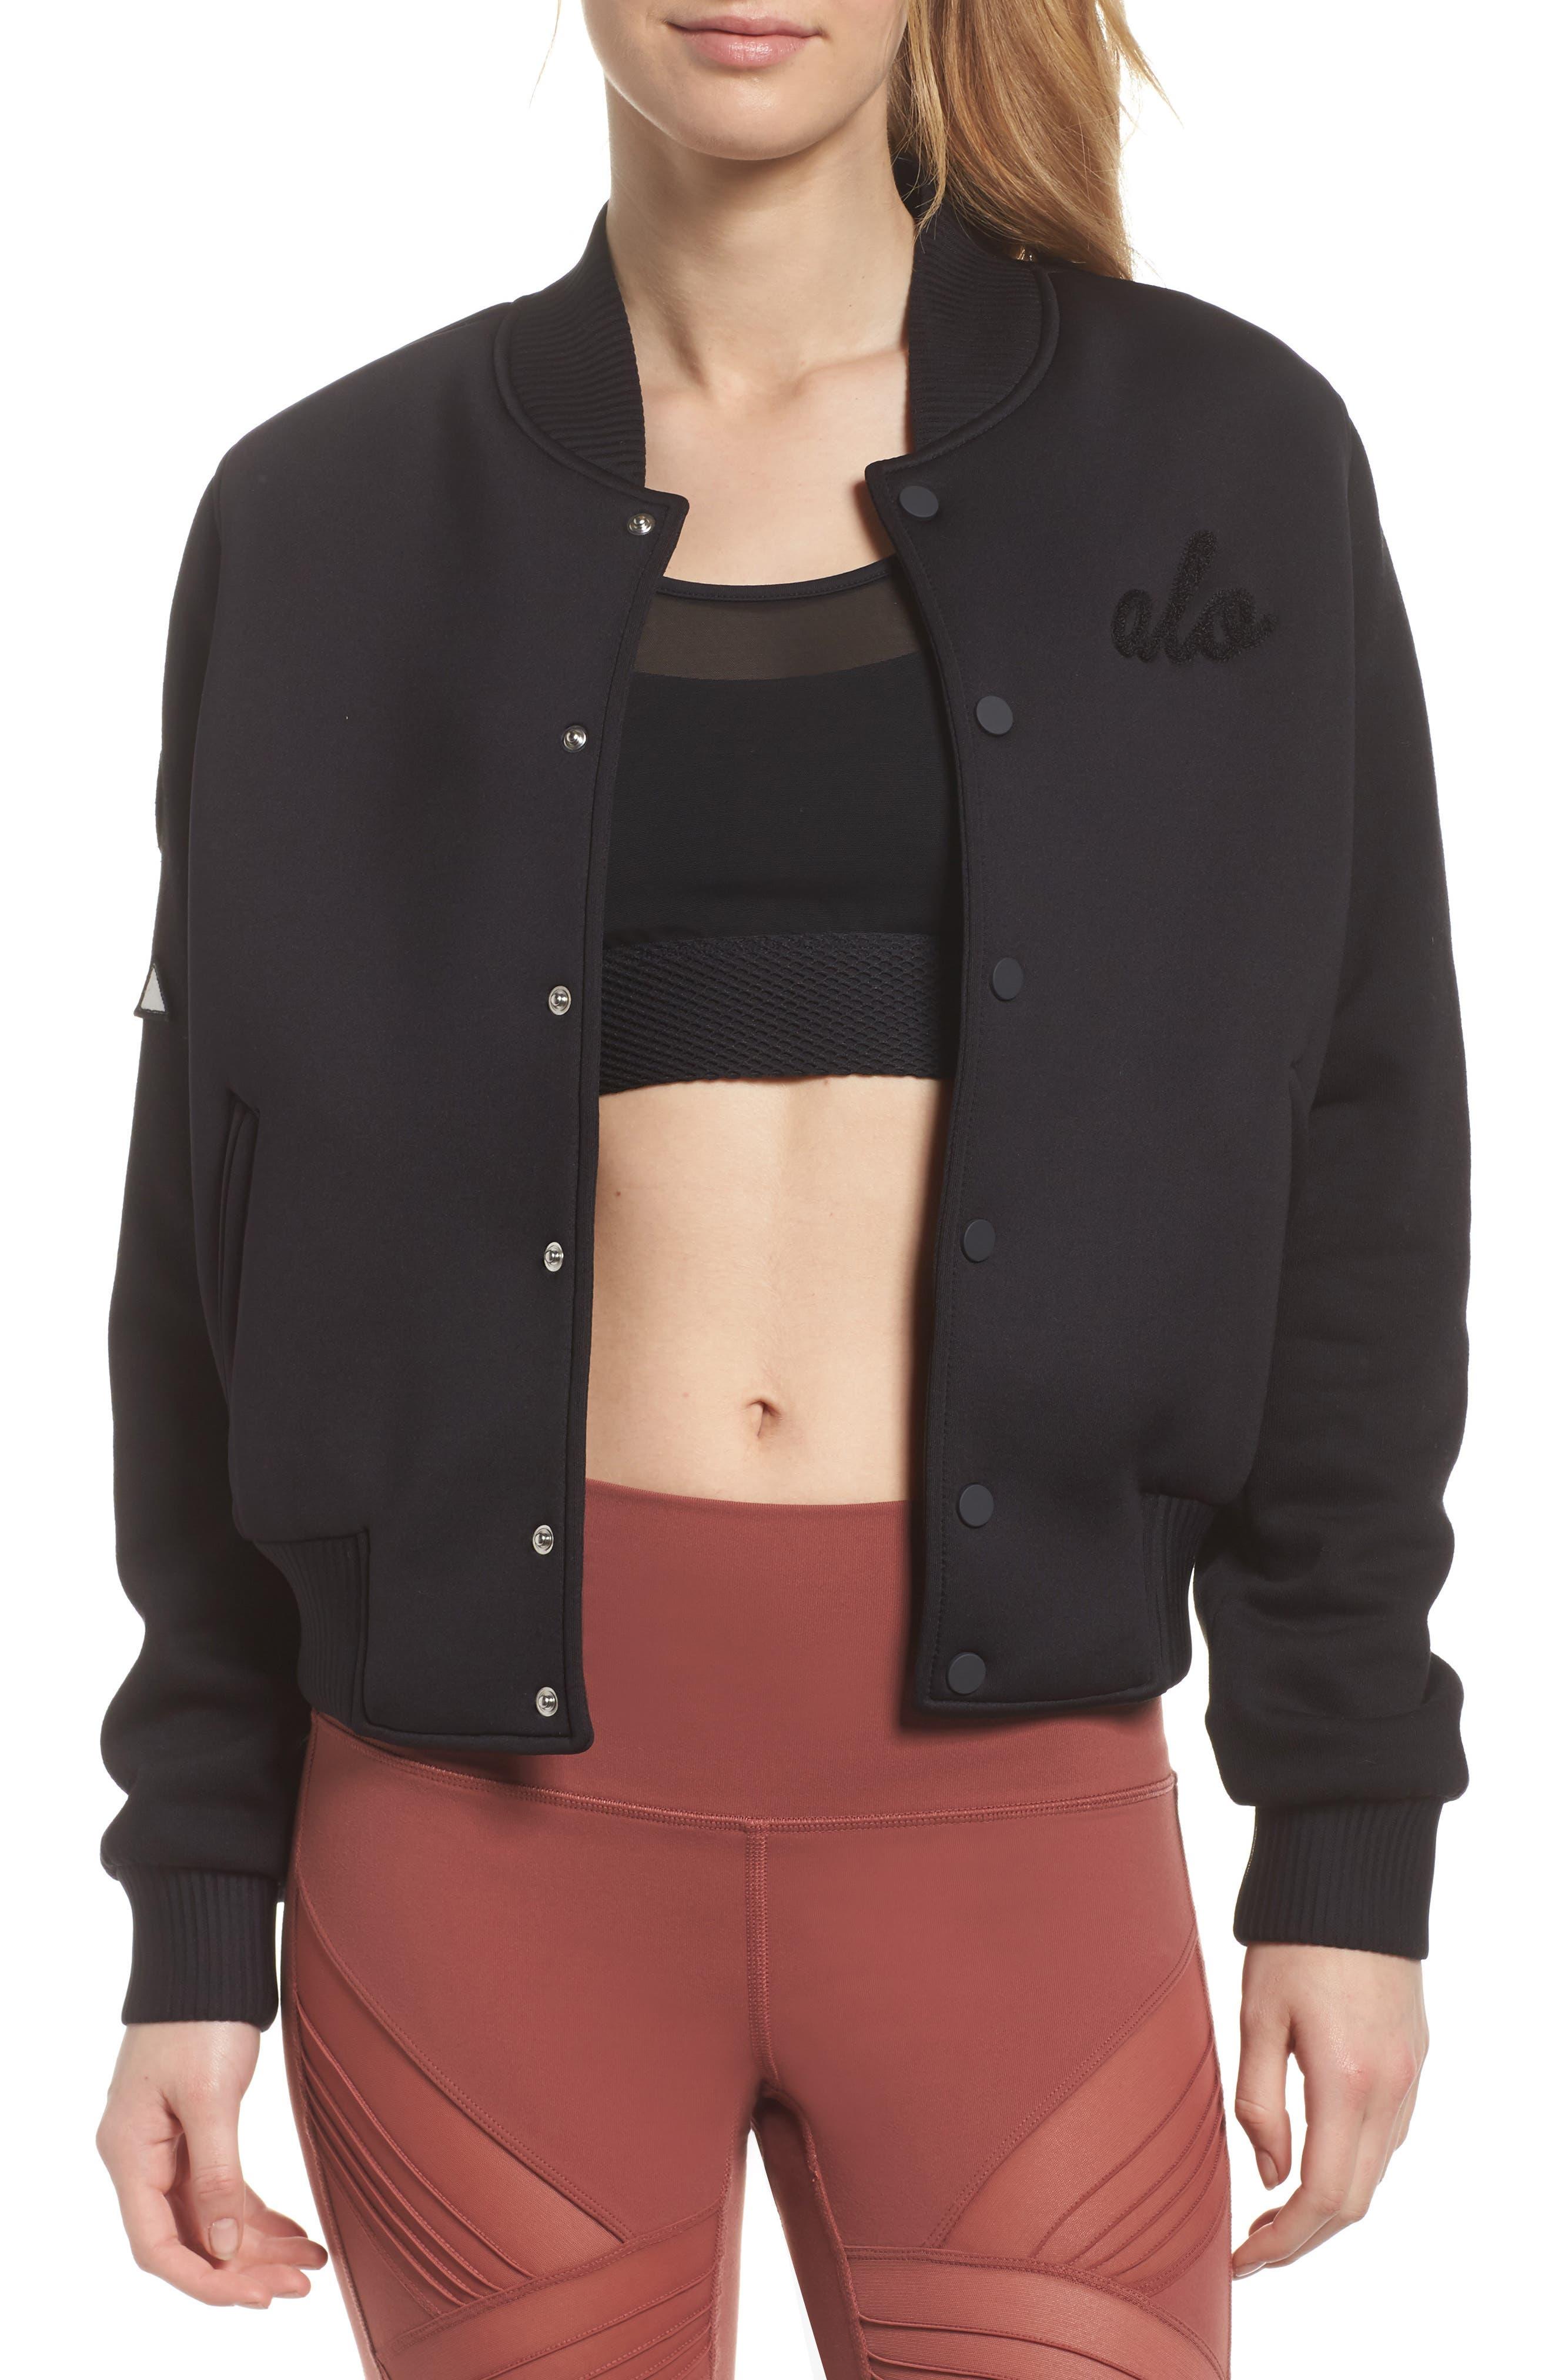 League Varsity Jacket,                         Main,                         color, Black/ Alo Patches